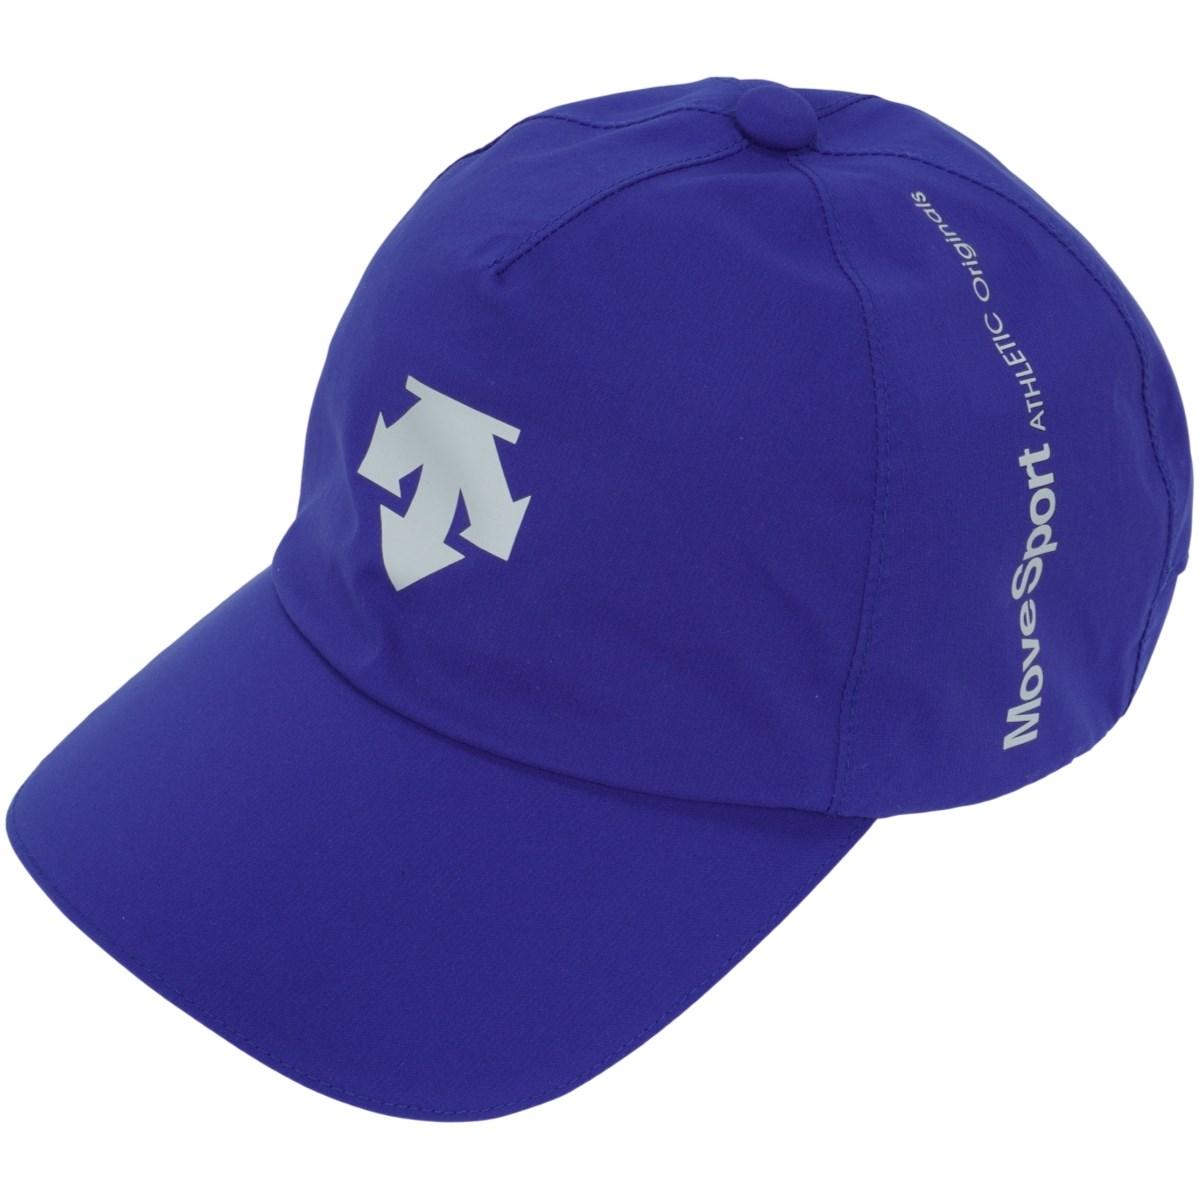 デサントゴルフ(DESCENTE GOLF) BLUE LABEL レインキャップ